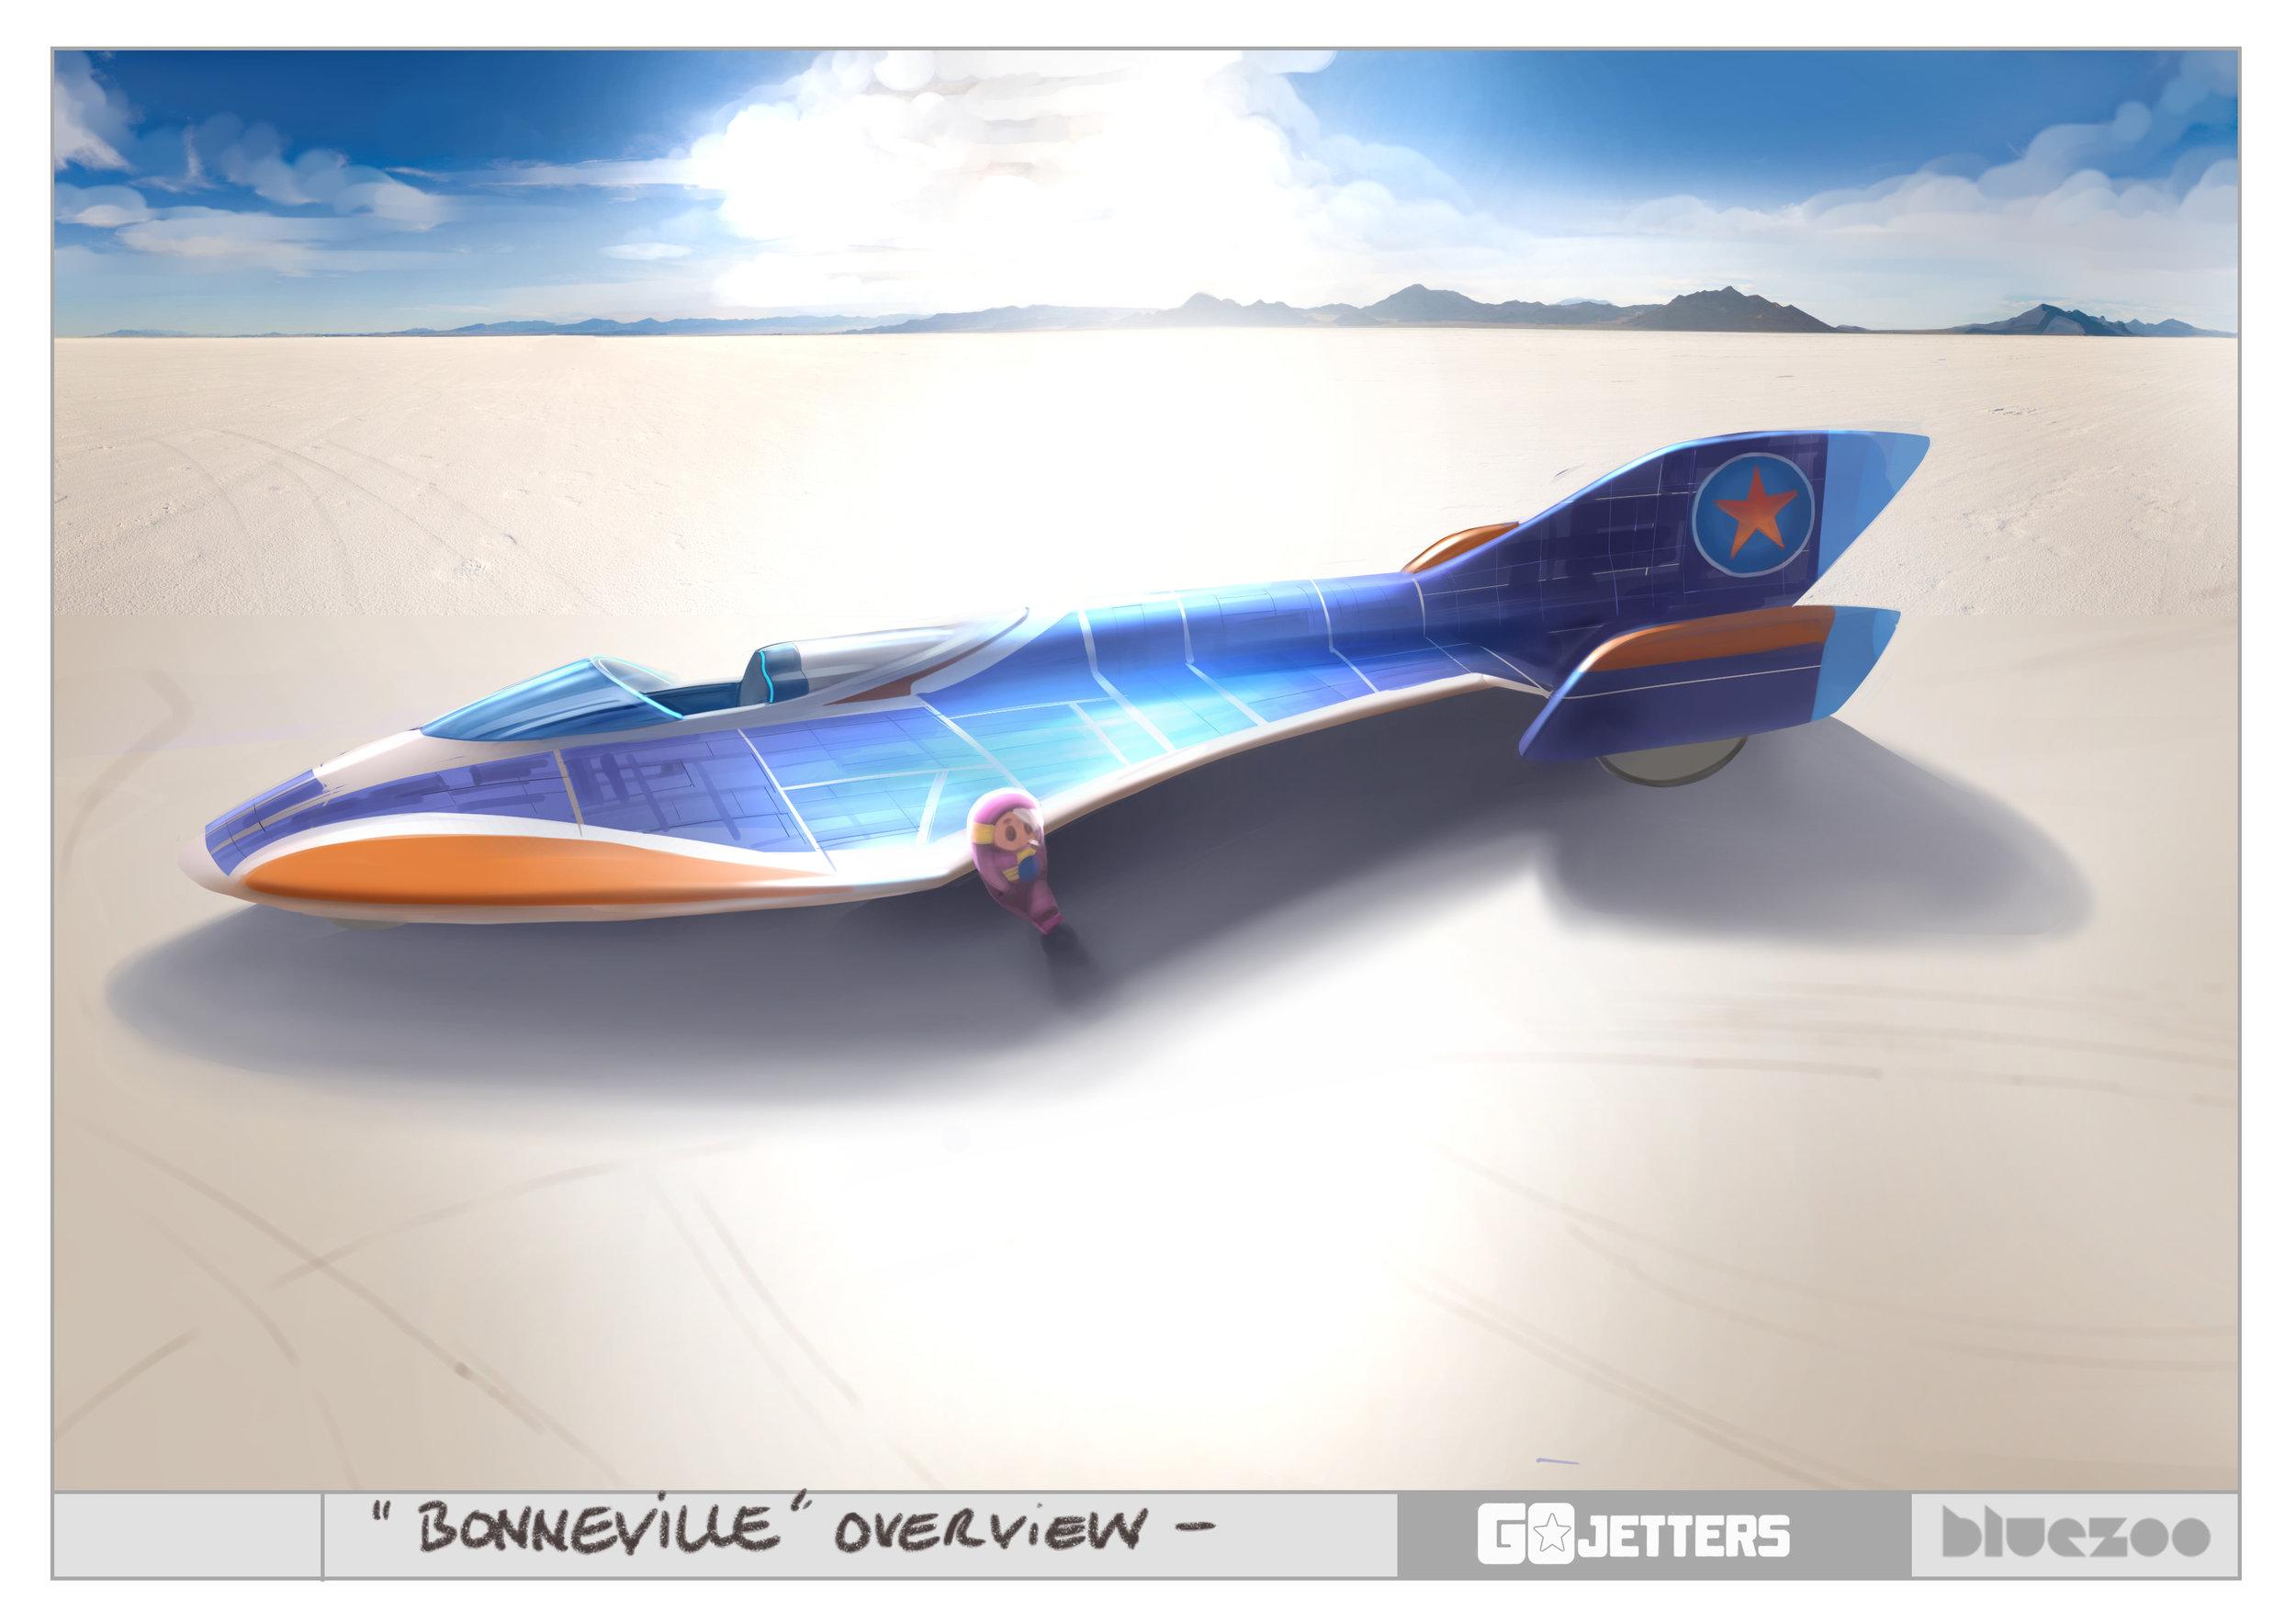 BONNEVILLE_Overview_v01.jpg